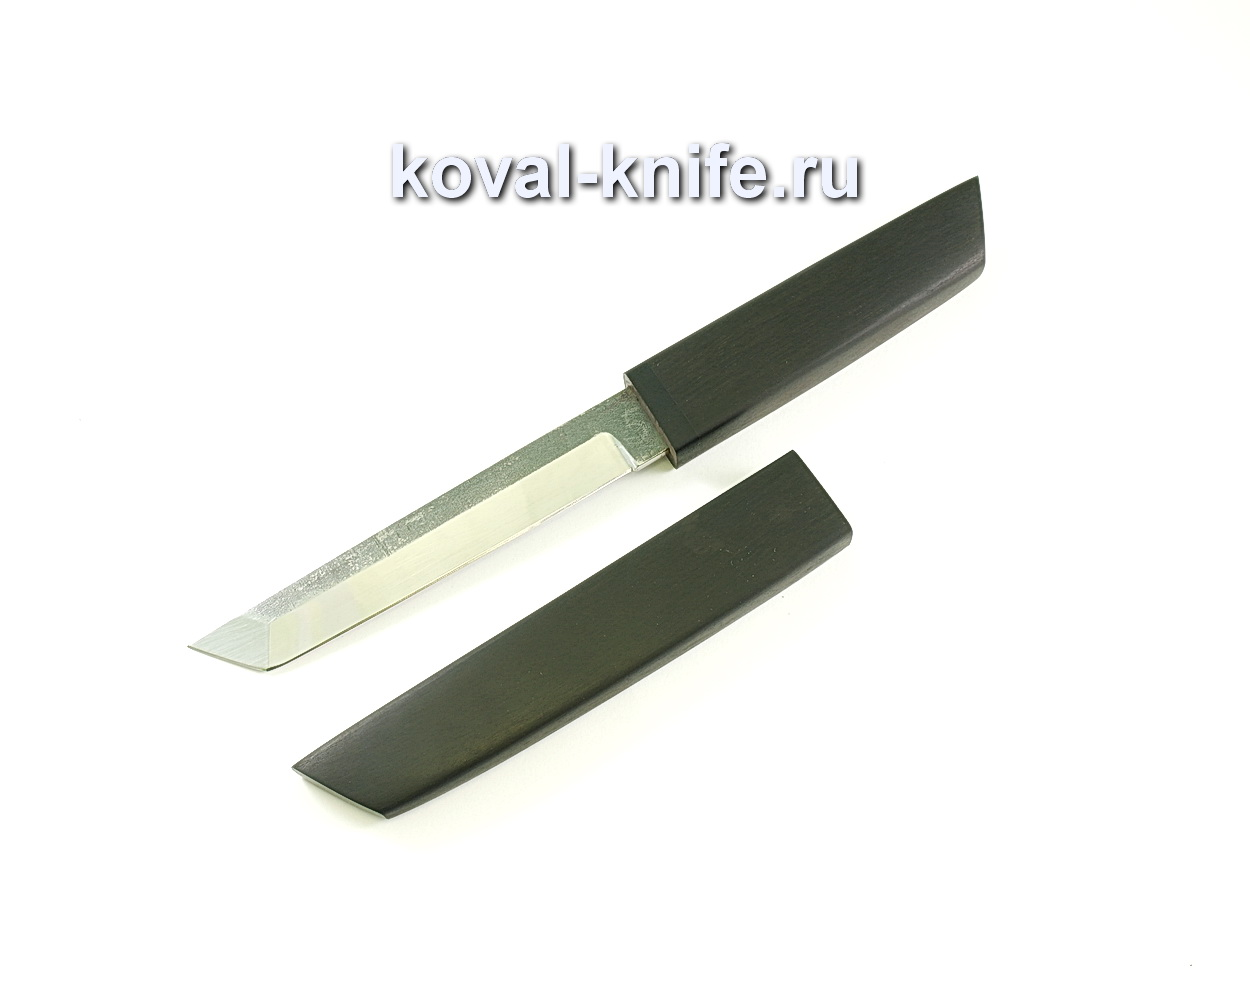 Нож Кобун (сталь 110х18), рукоять и ножны дерево граб A247